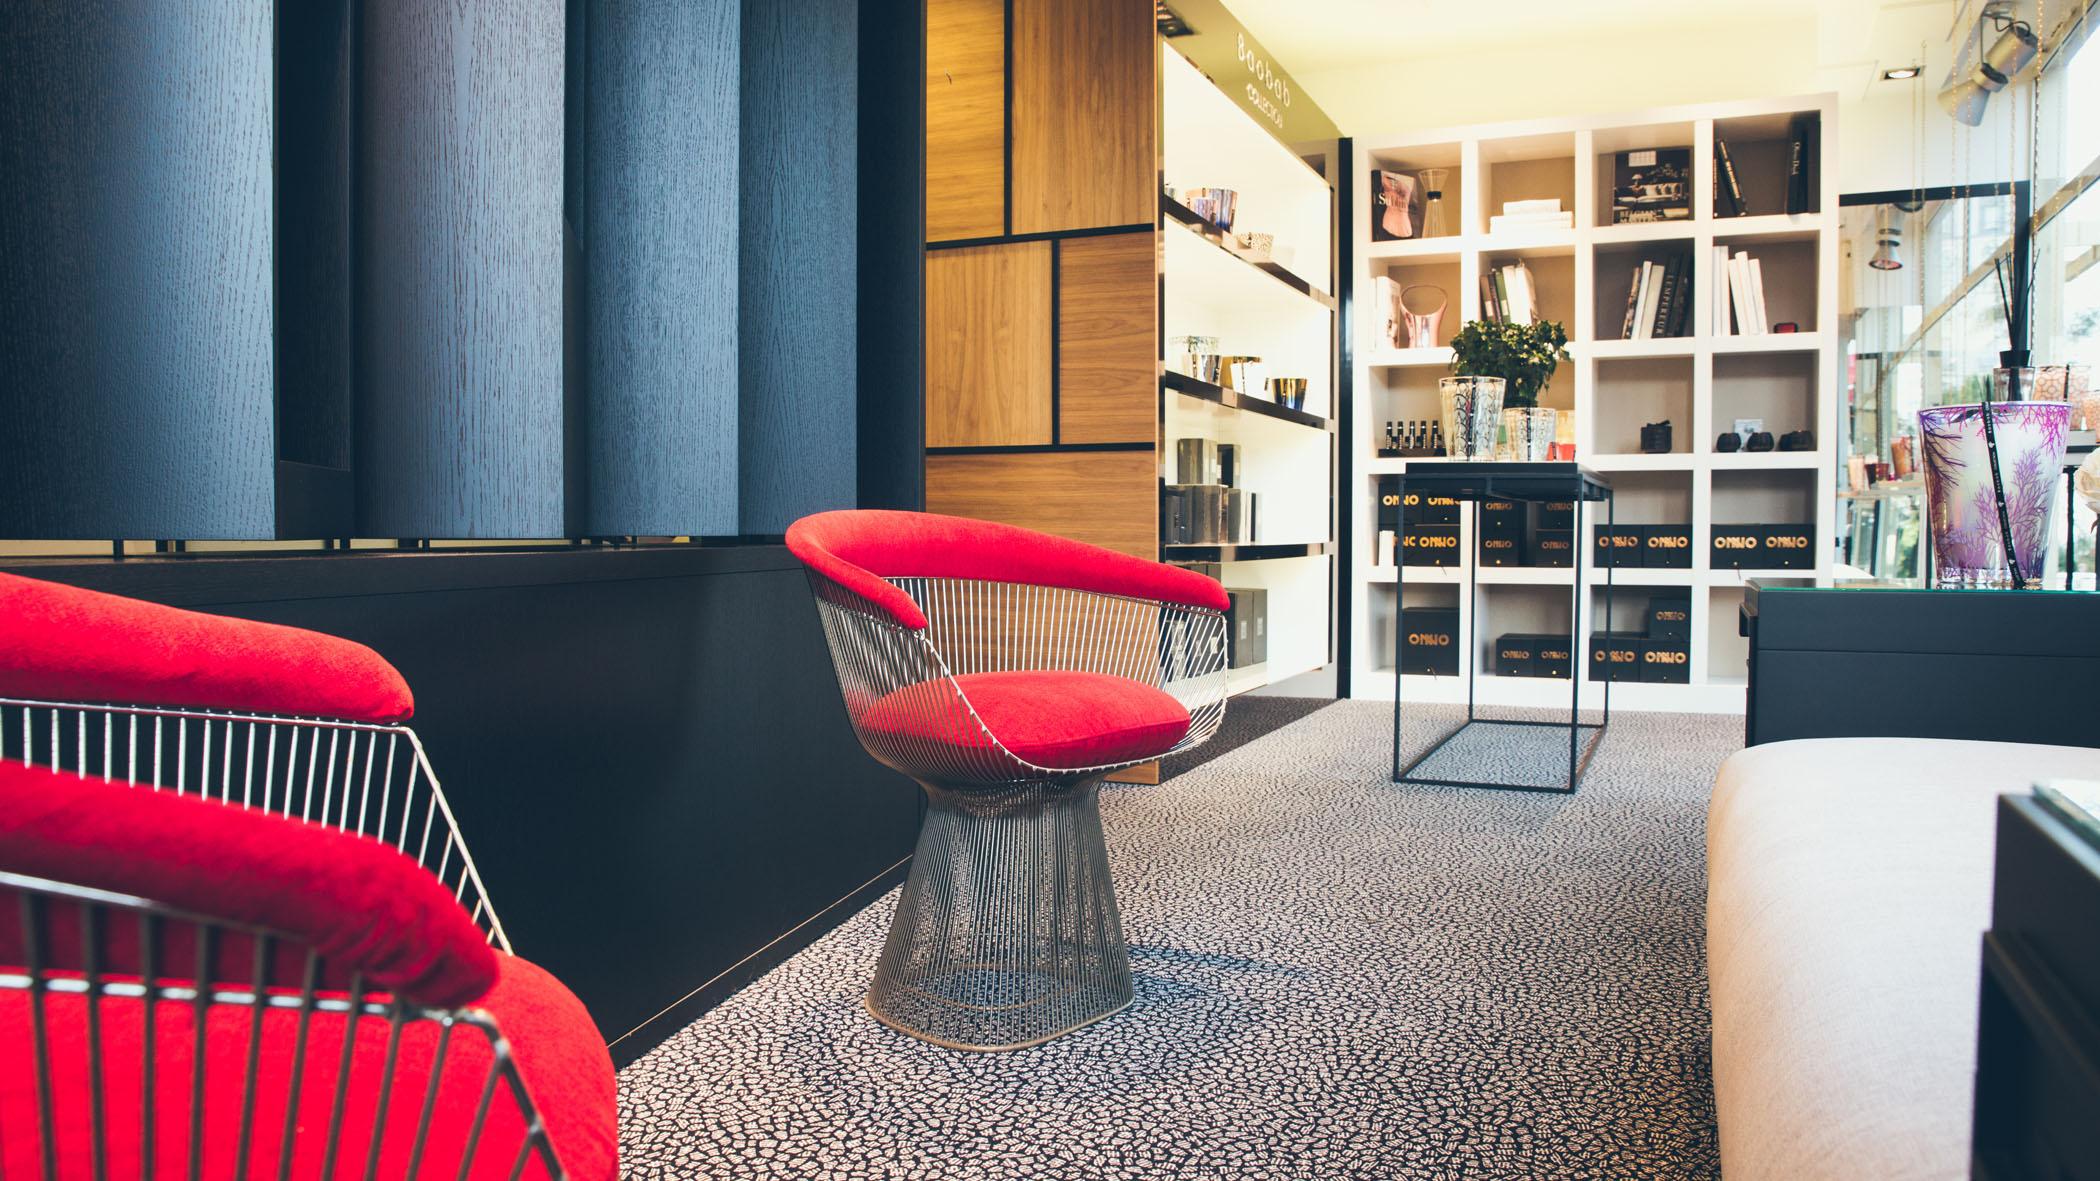 architecte d interieure free une quipe et designers dintrieur conoit lespace avec laudace. Black Bedroom Furniture Sets. Home Design Ideas